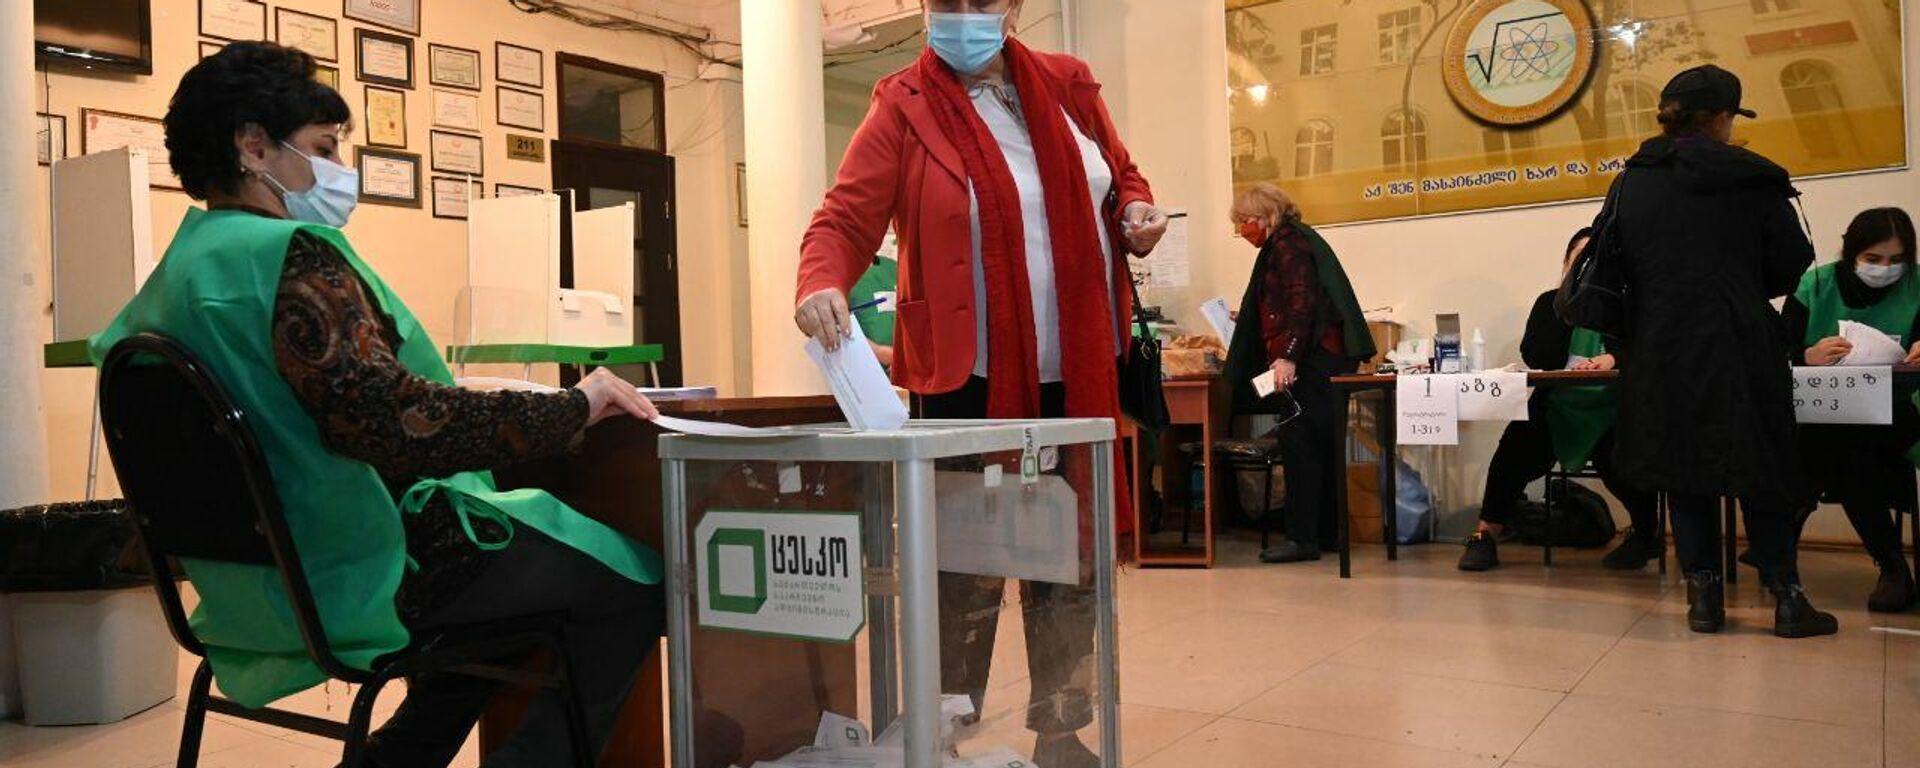 Местные выборы в Грузии 2 октября - избиратели участвуют в голосовании - Sputnik Грузия, 1920, 02.10.2021